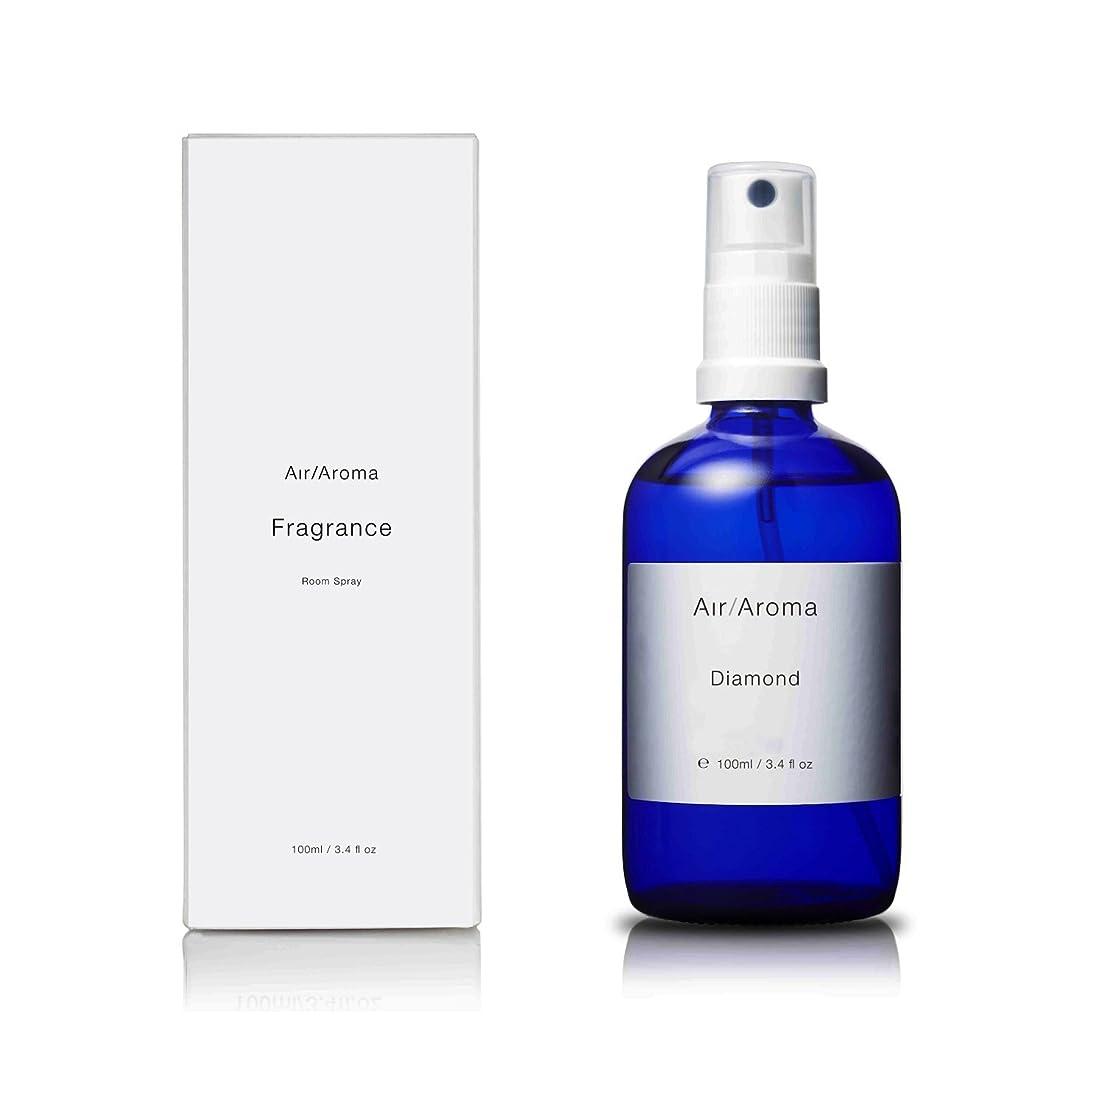 森林カタログ分解するエアアロマ diamond room fragrance (ダイアモンド ルームフレグランス) 100ml